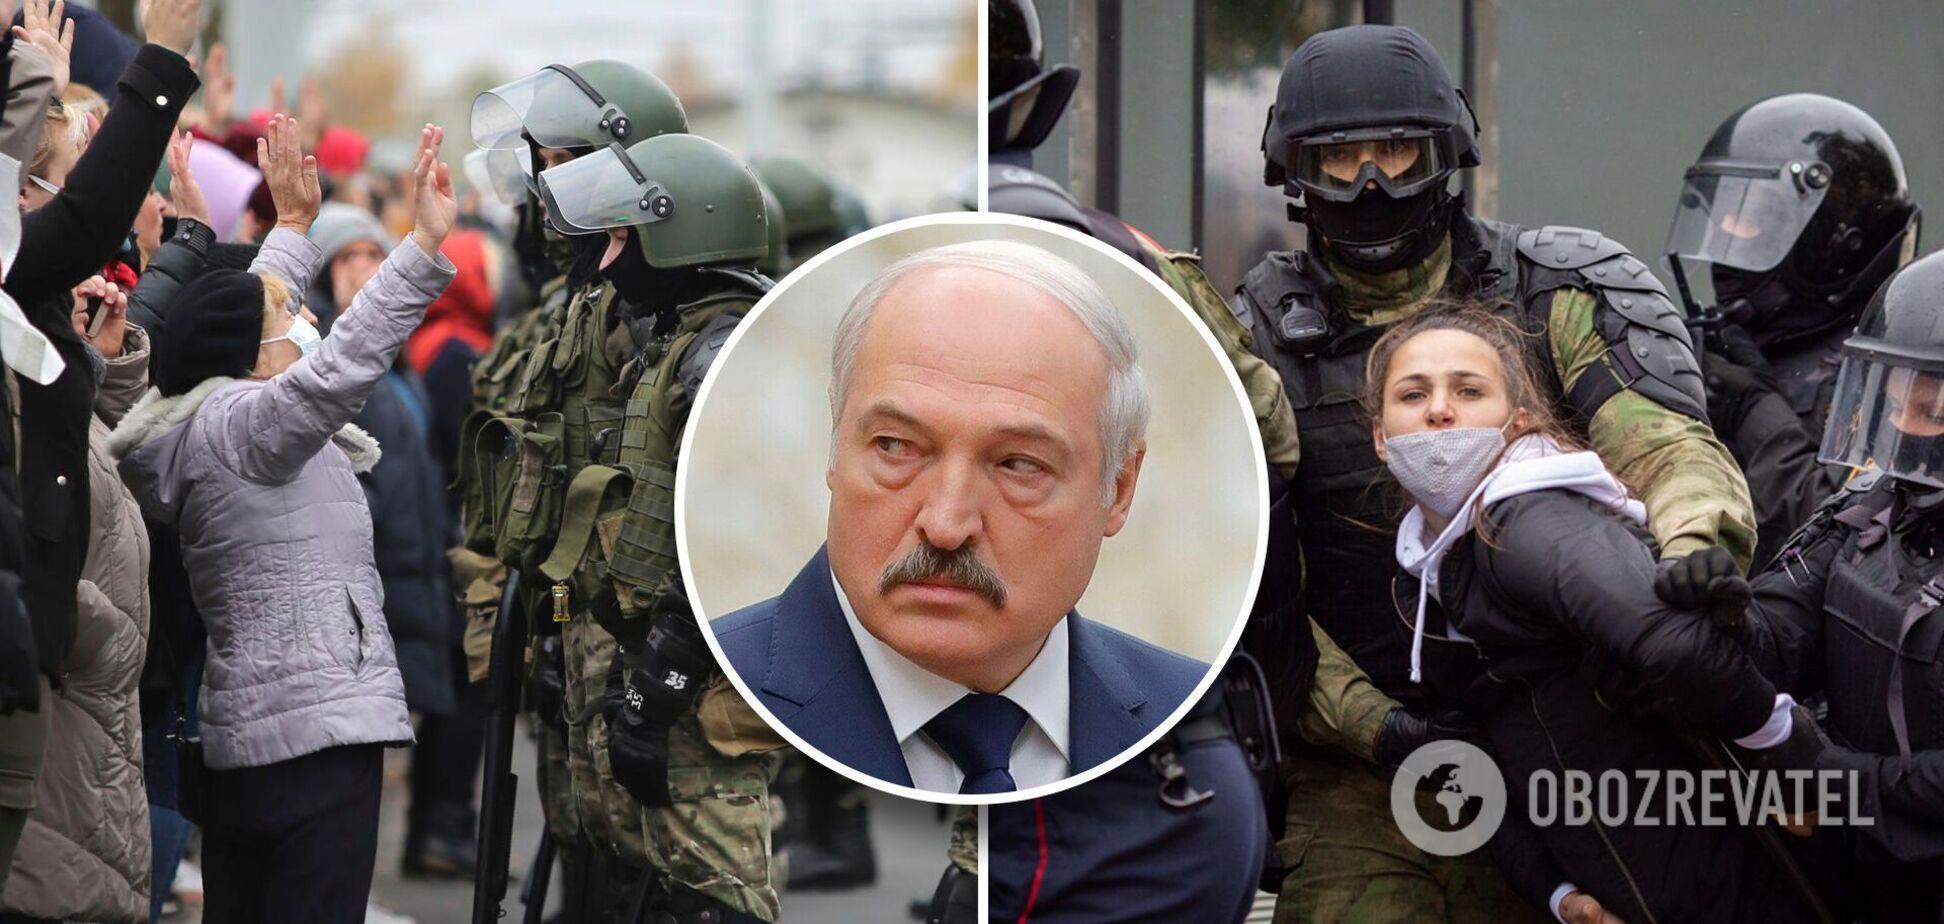 Лукашенко удерживает власть в Беларуси, хоть протесты и не закончились